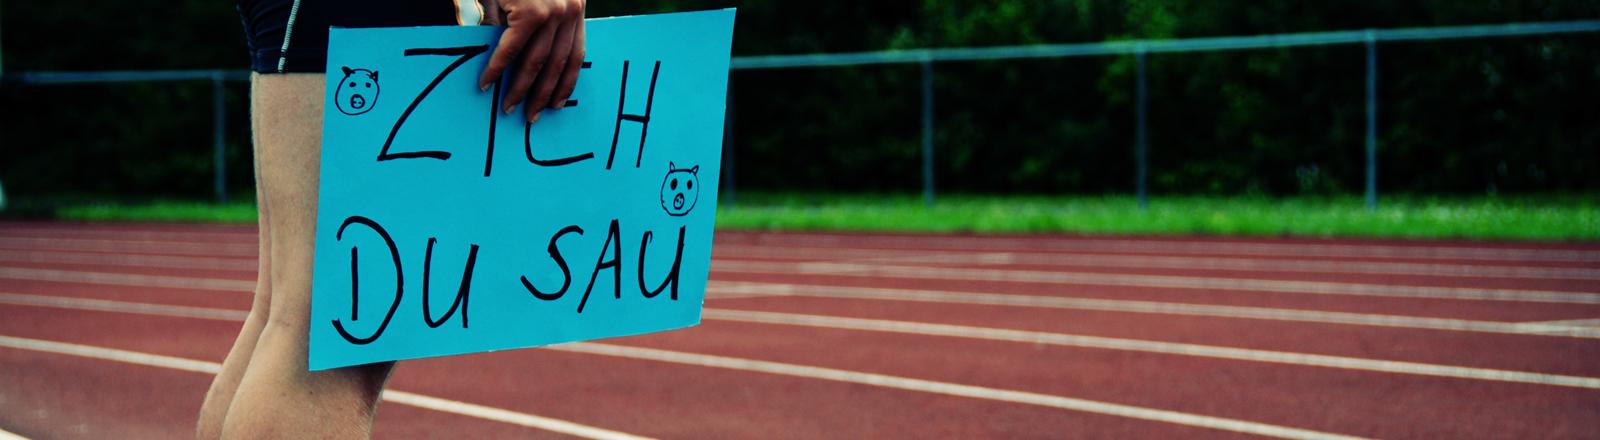 """Sportler am Rand einer Laufbahn mit einem Schild auf dem """"Zieh Du Sau"""" steht"""